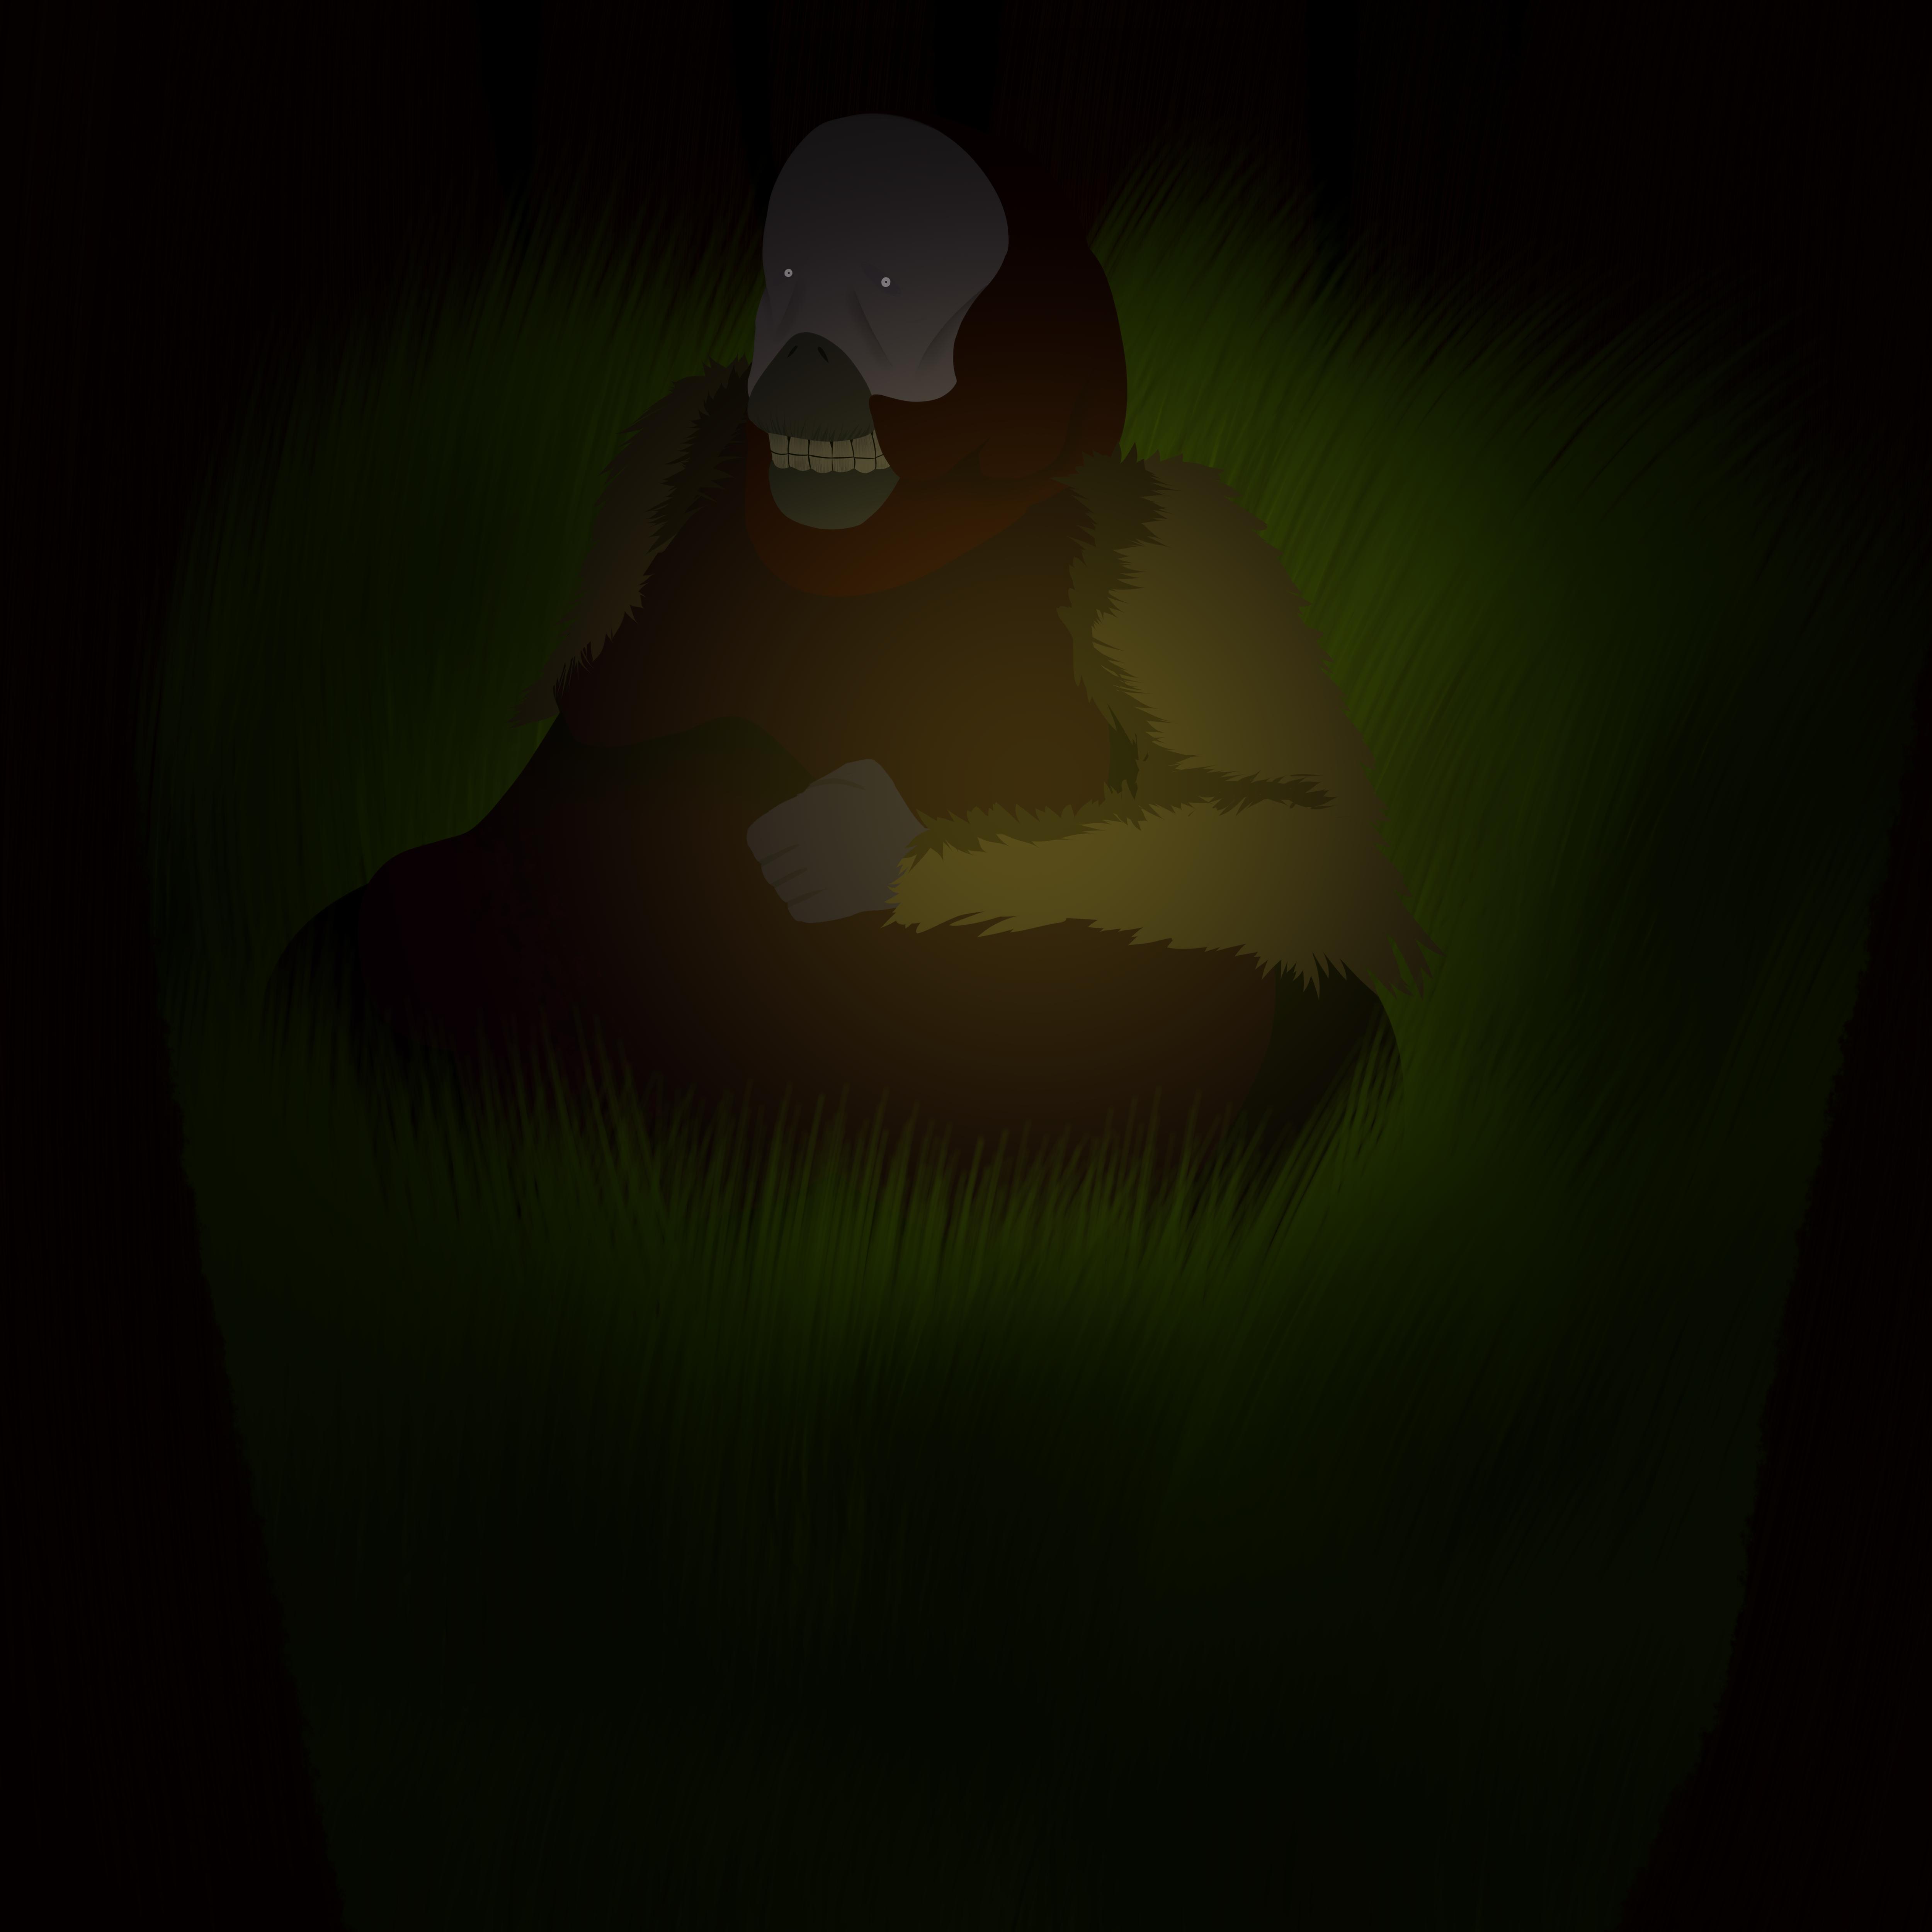 Orangutan creature